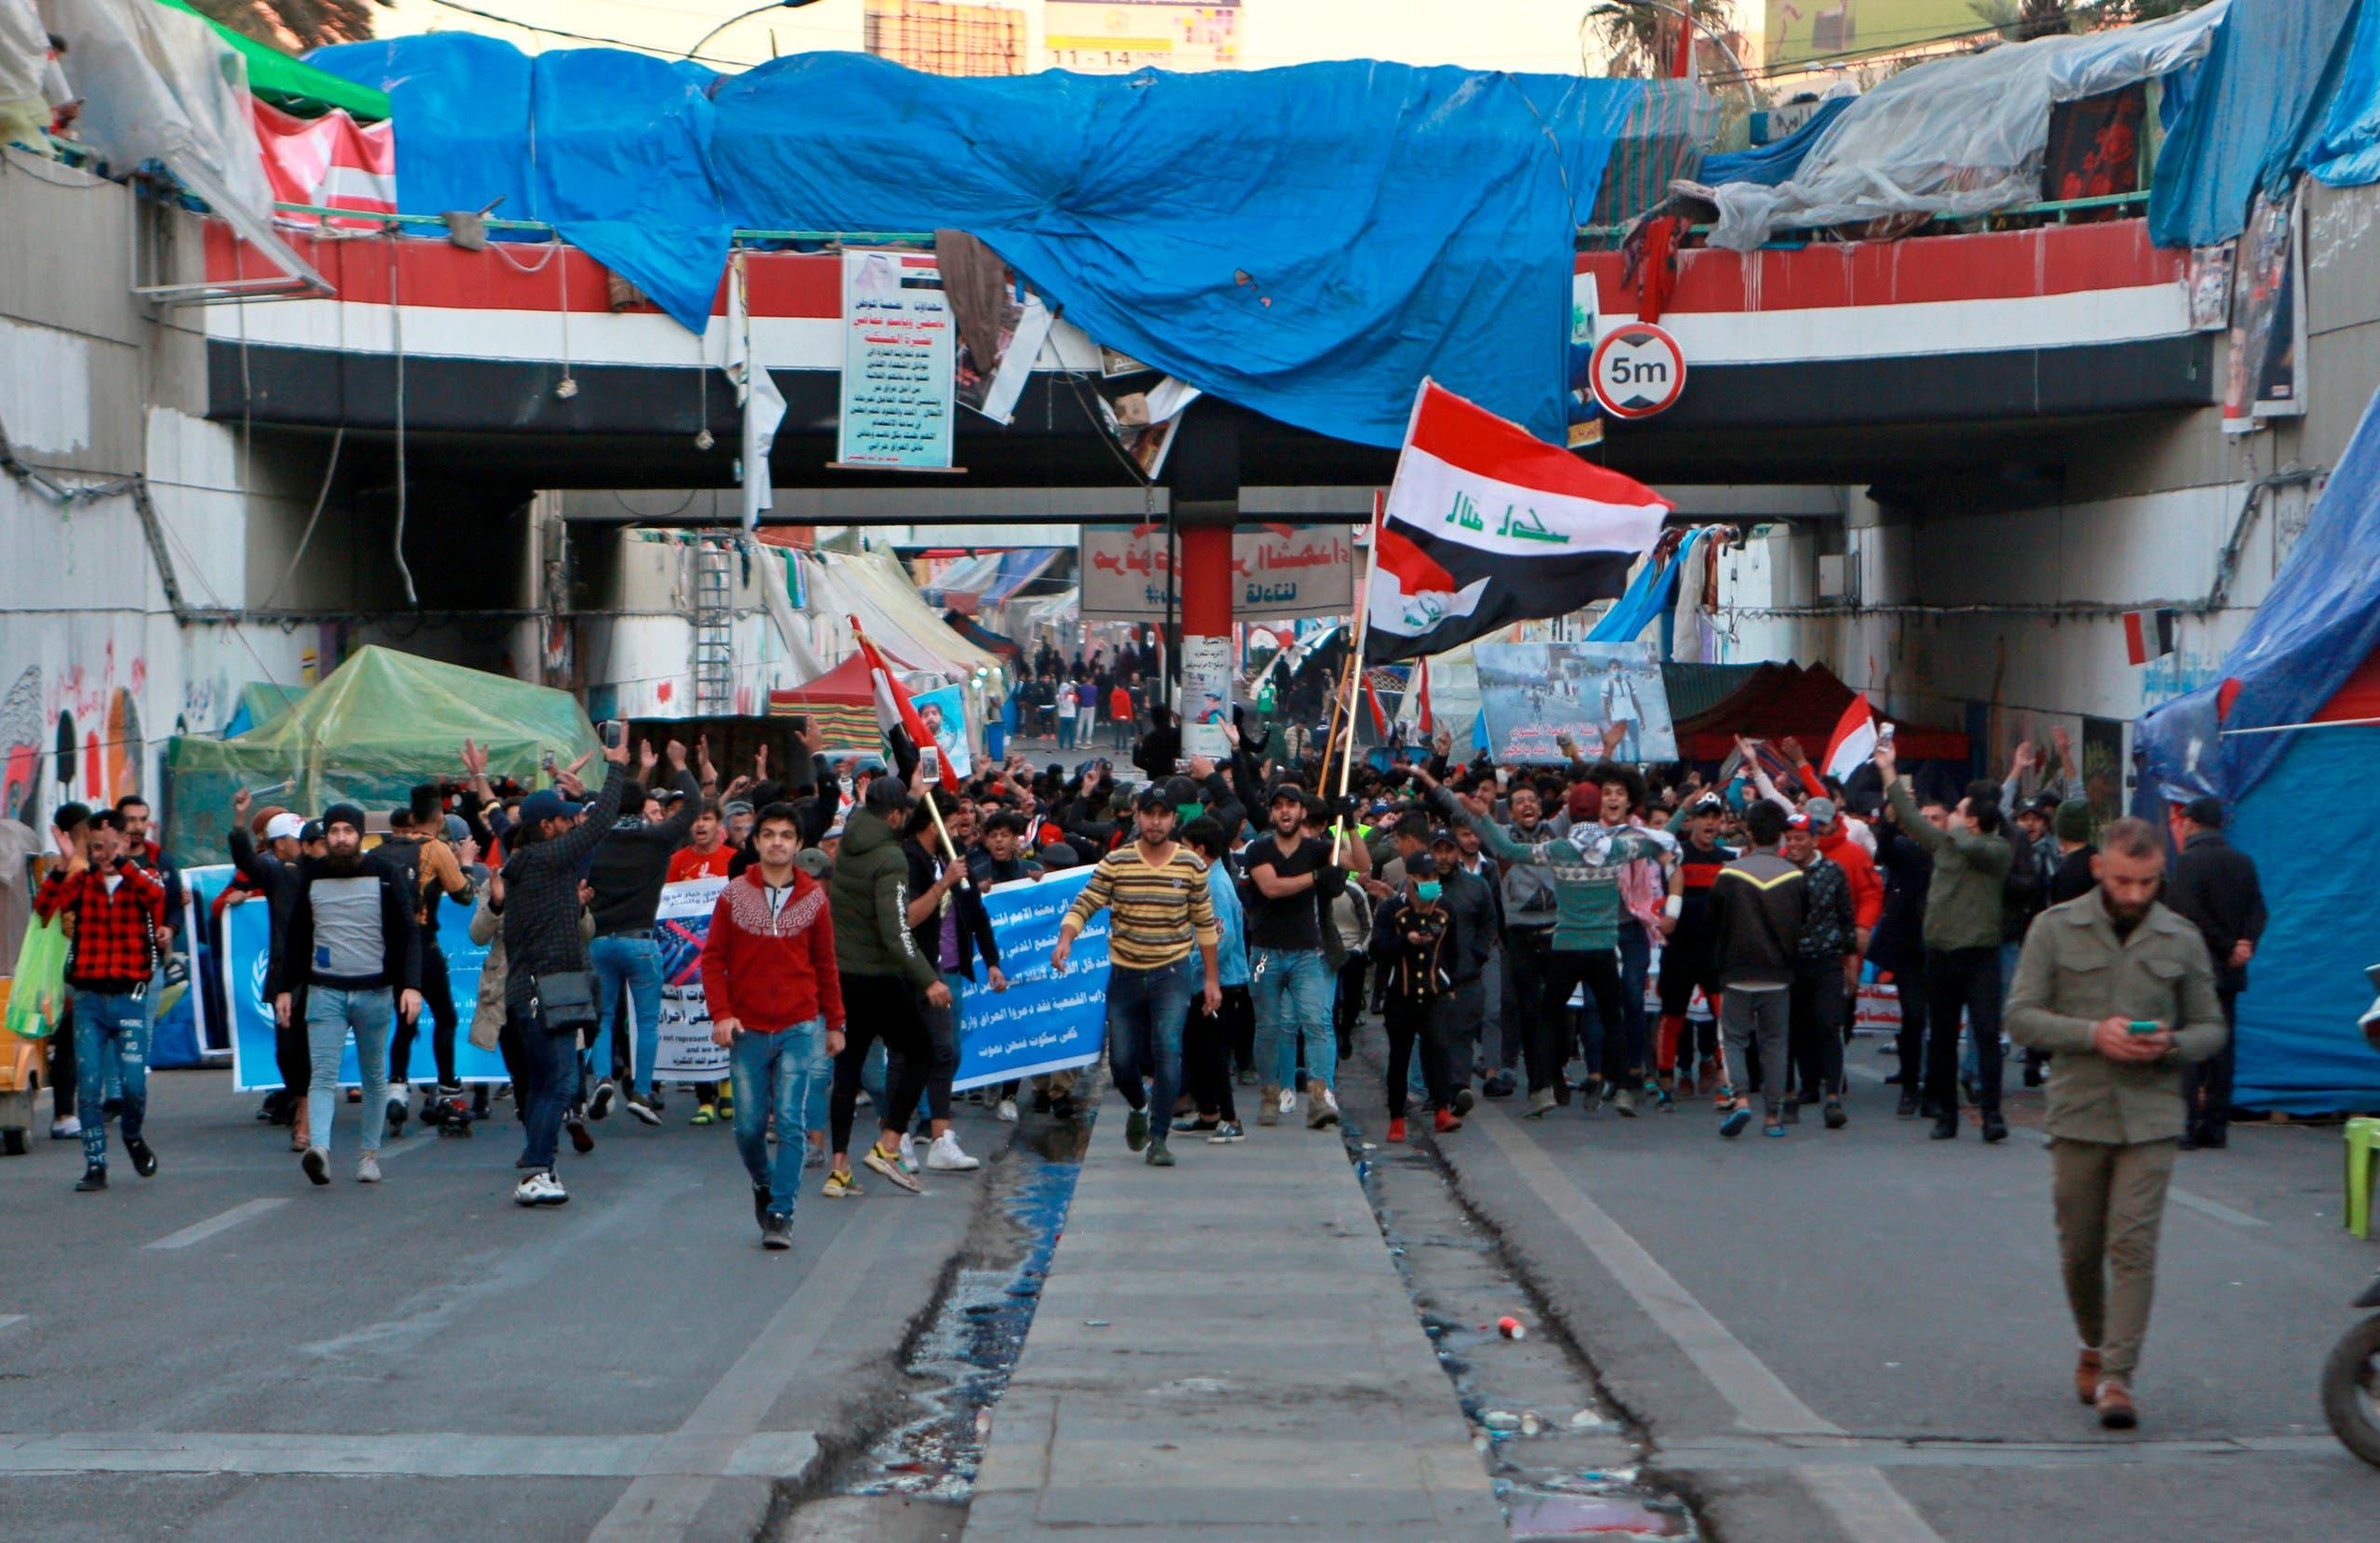 ساحة التحرير 2 فبراير - اسوشيتد برس